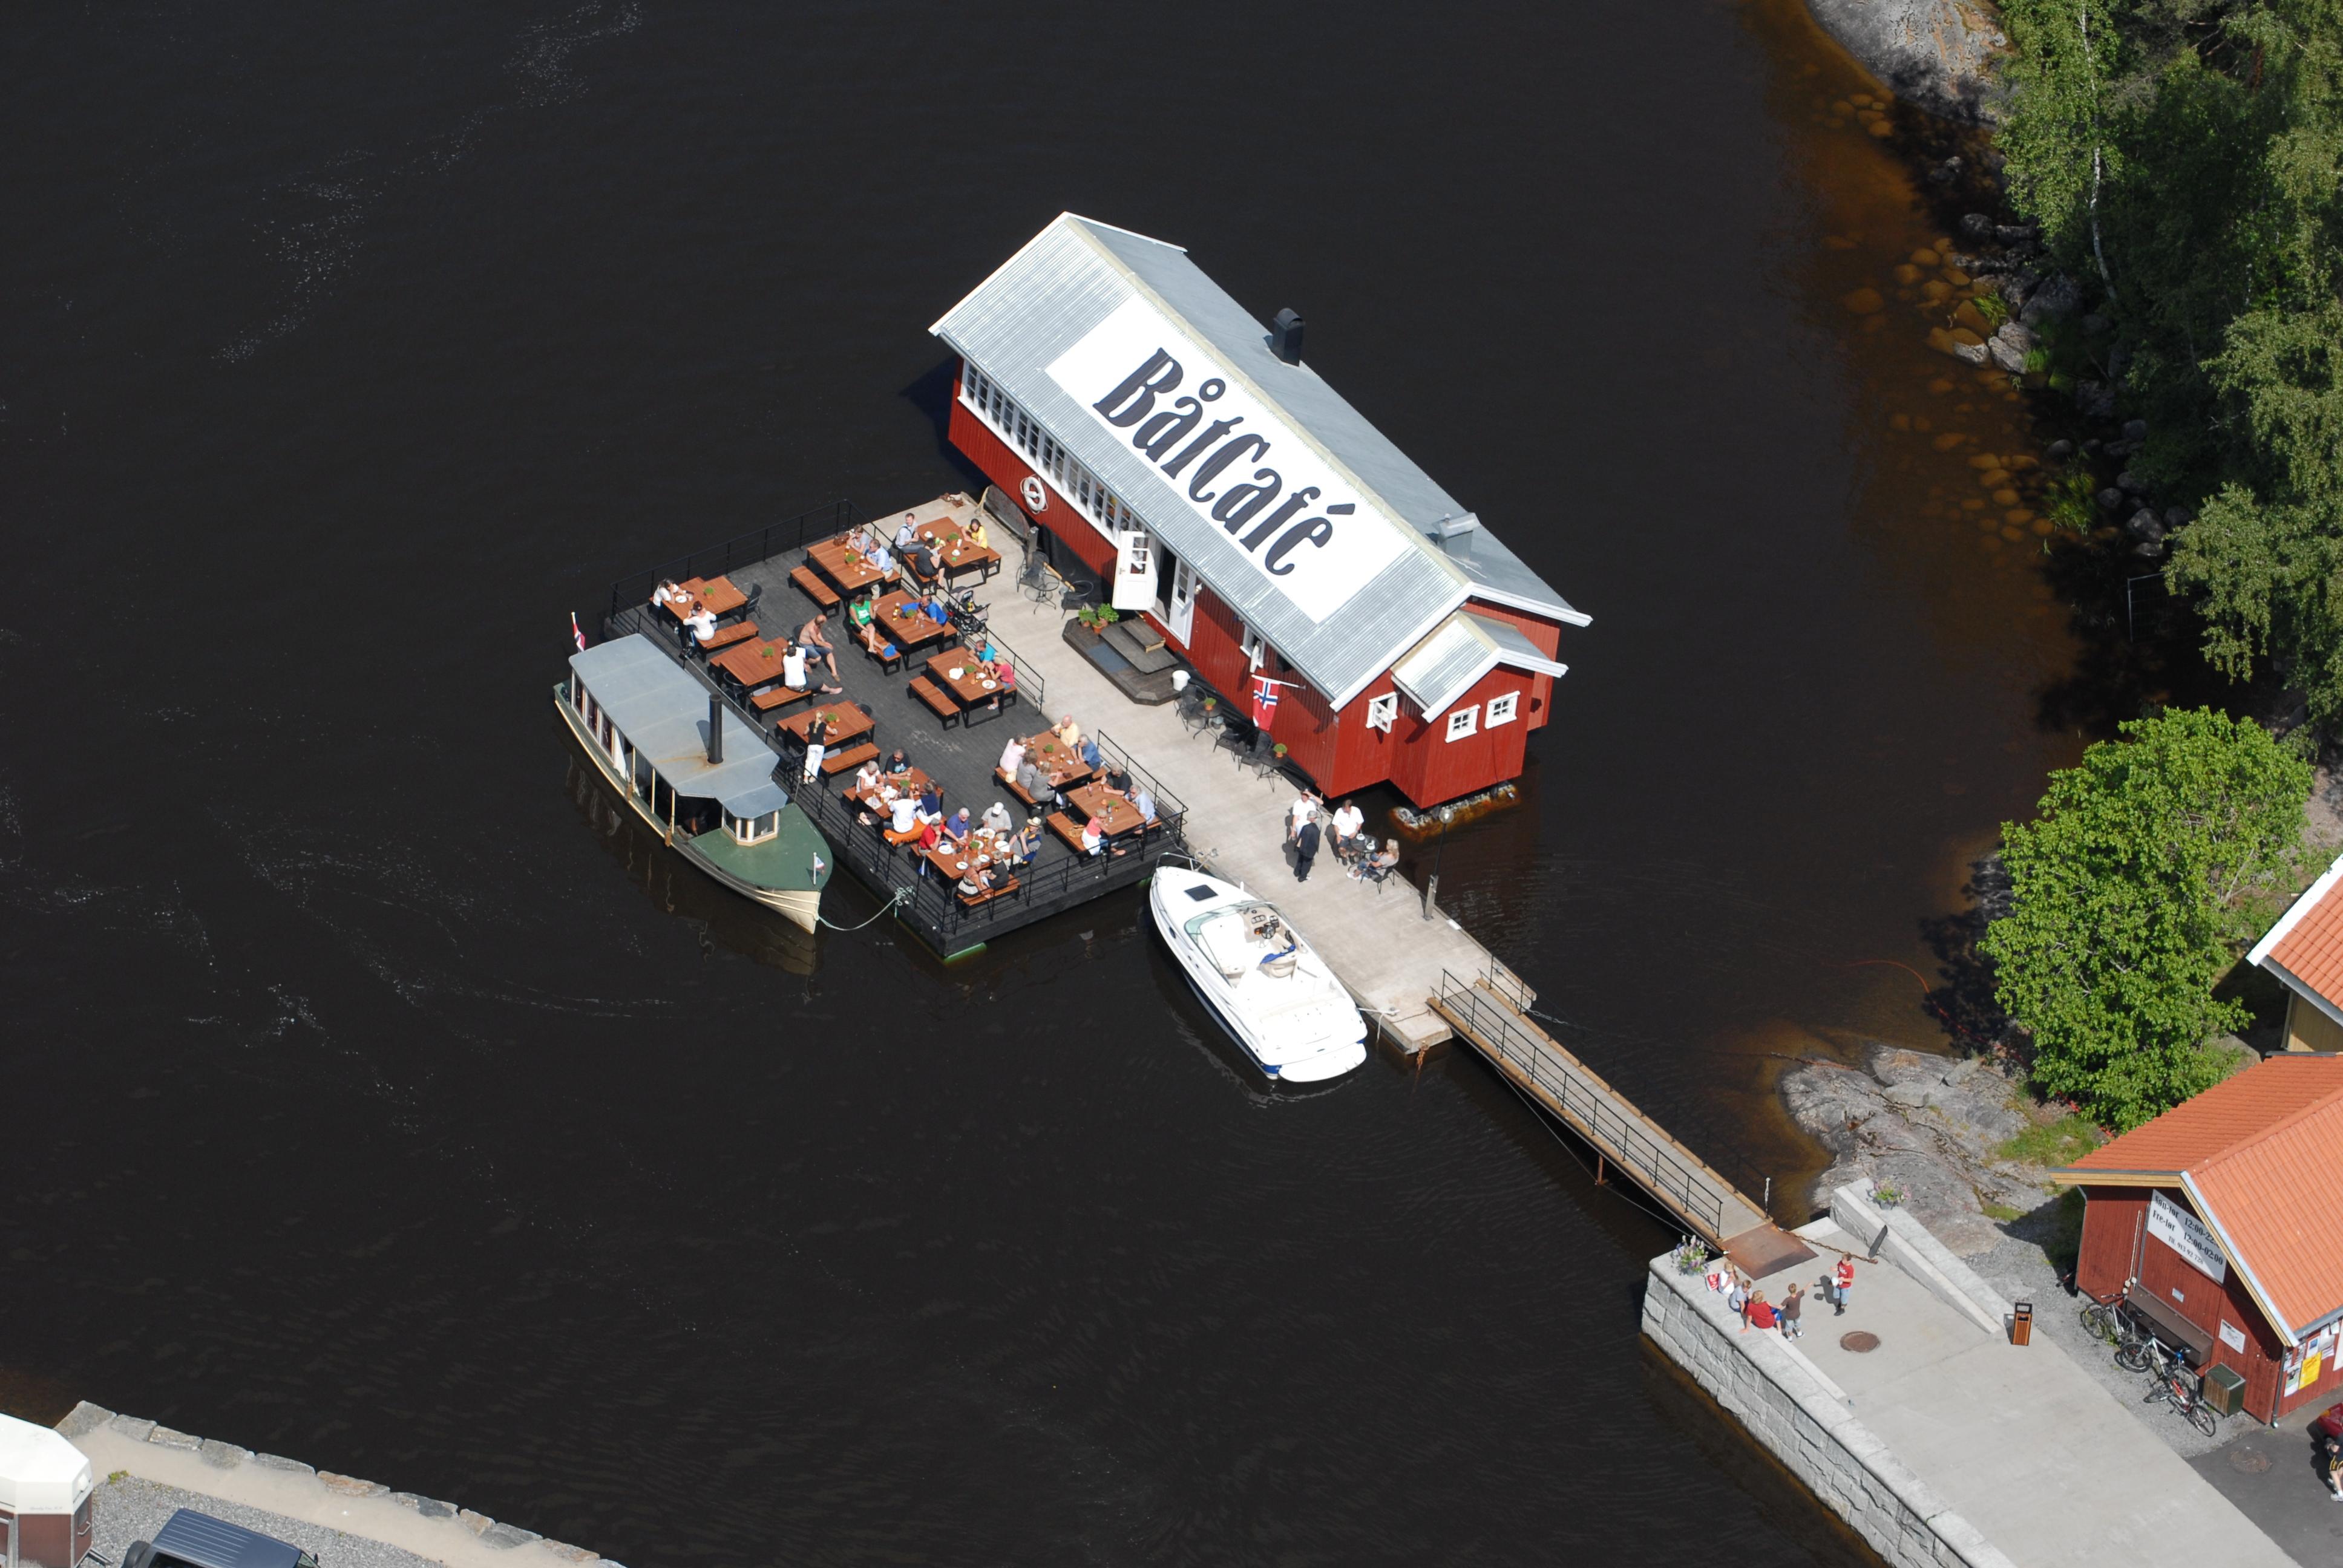 båtkafe